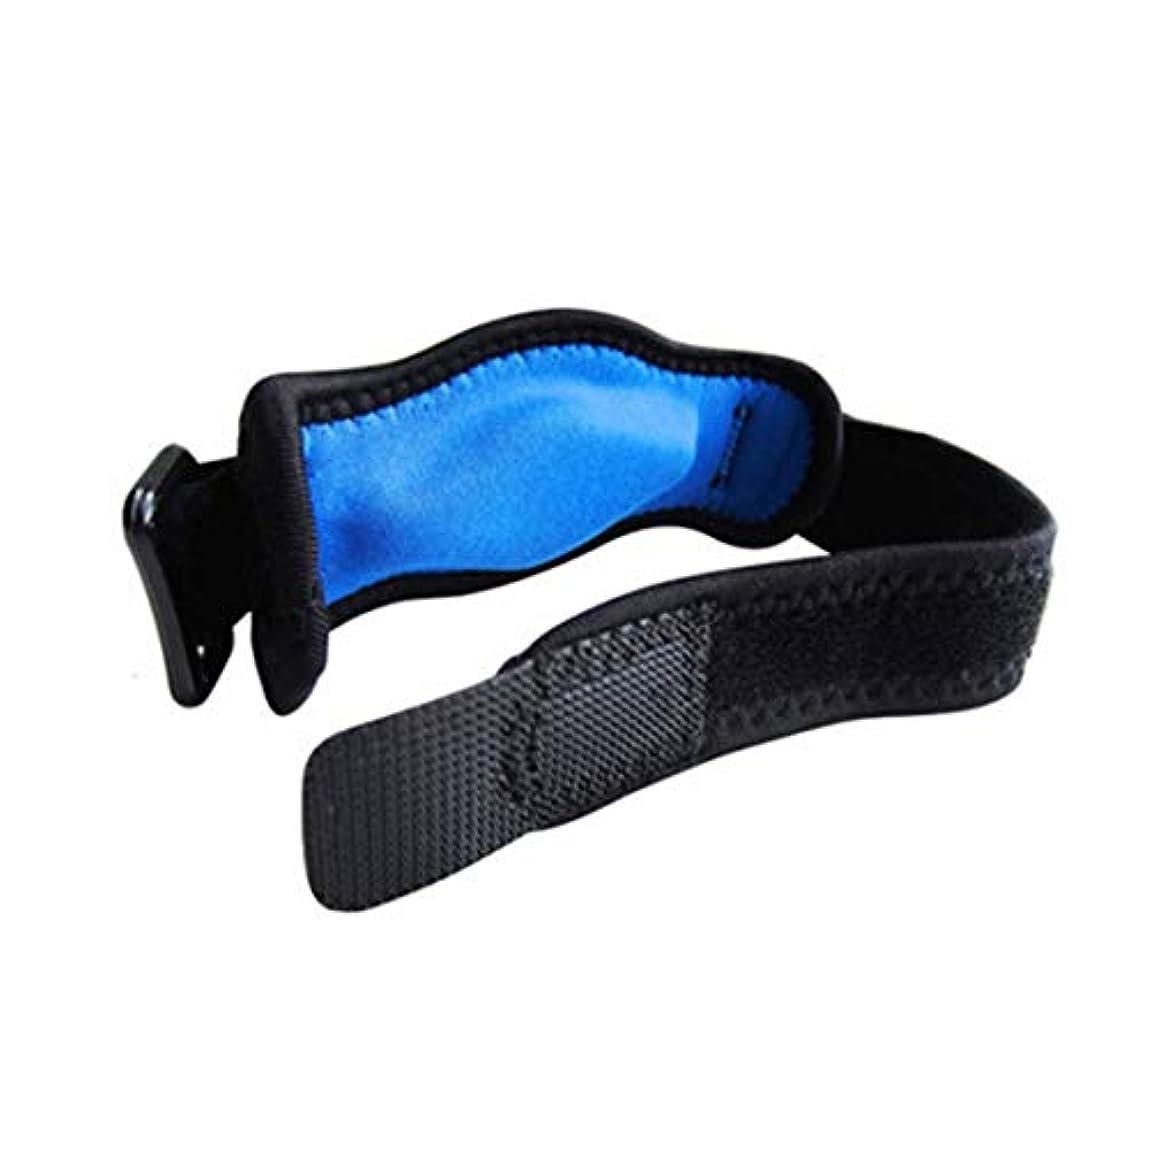 アラブ床を掃除する乳製品調節可能なテニス肘サポートストラップブレースゴルフ前腕痛み緩和 - 黒